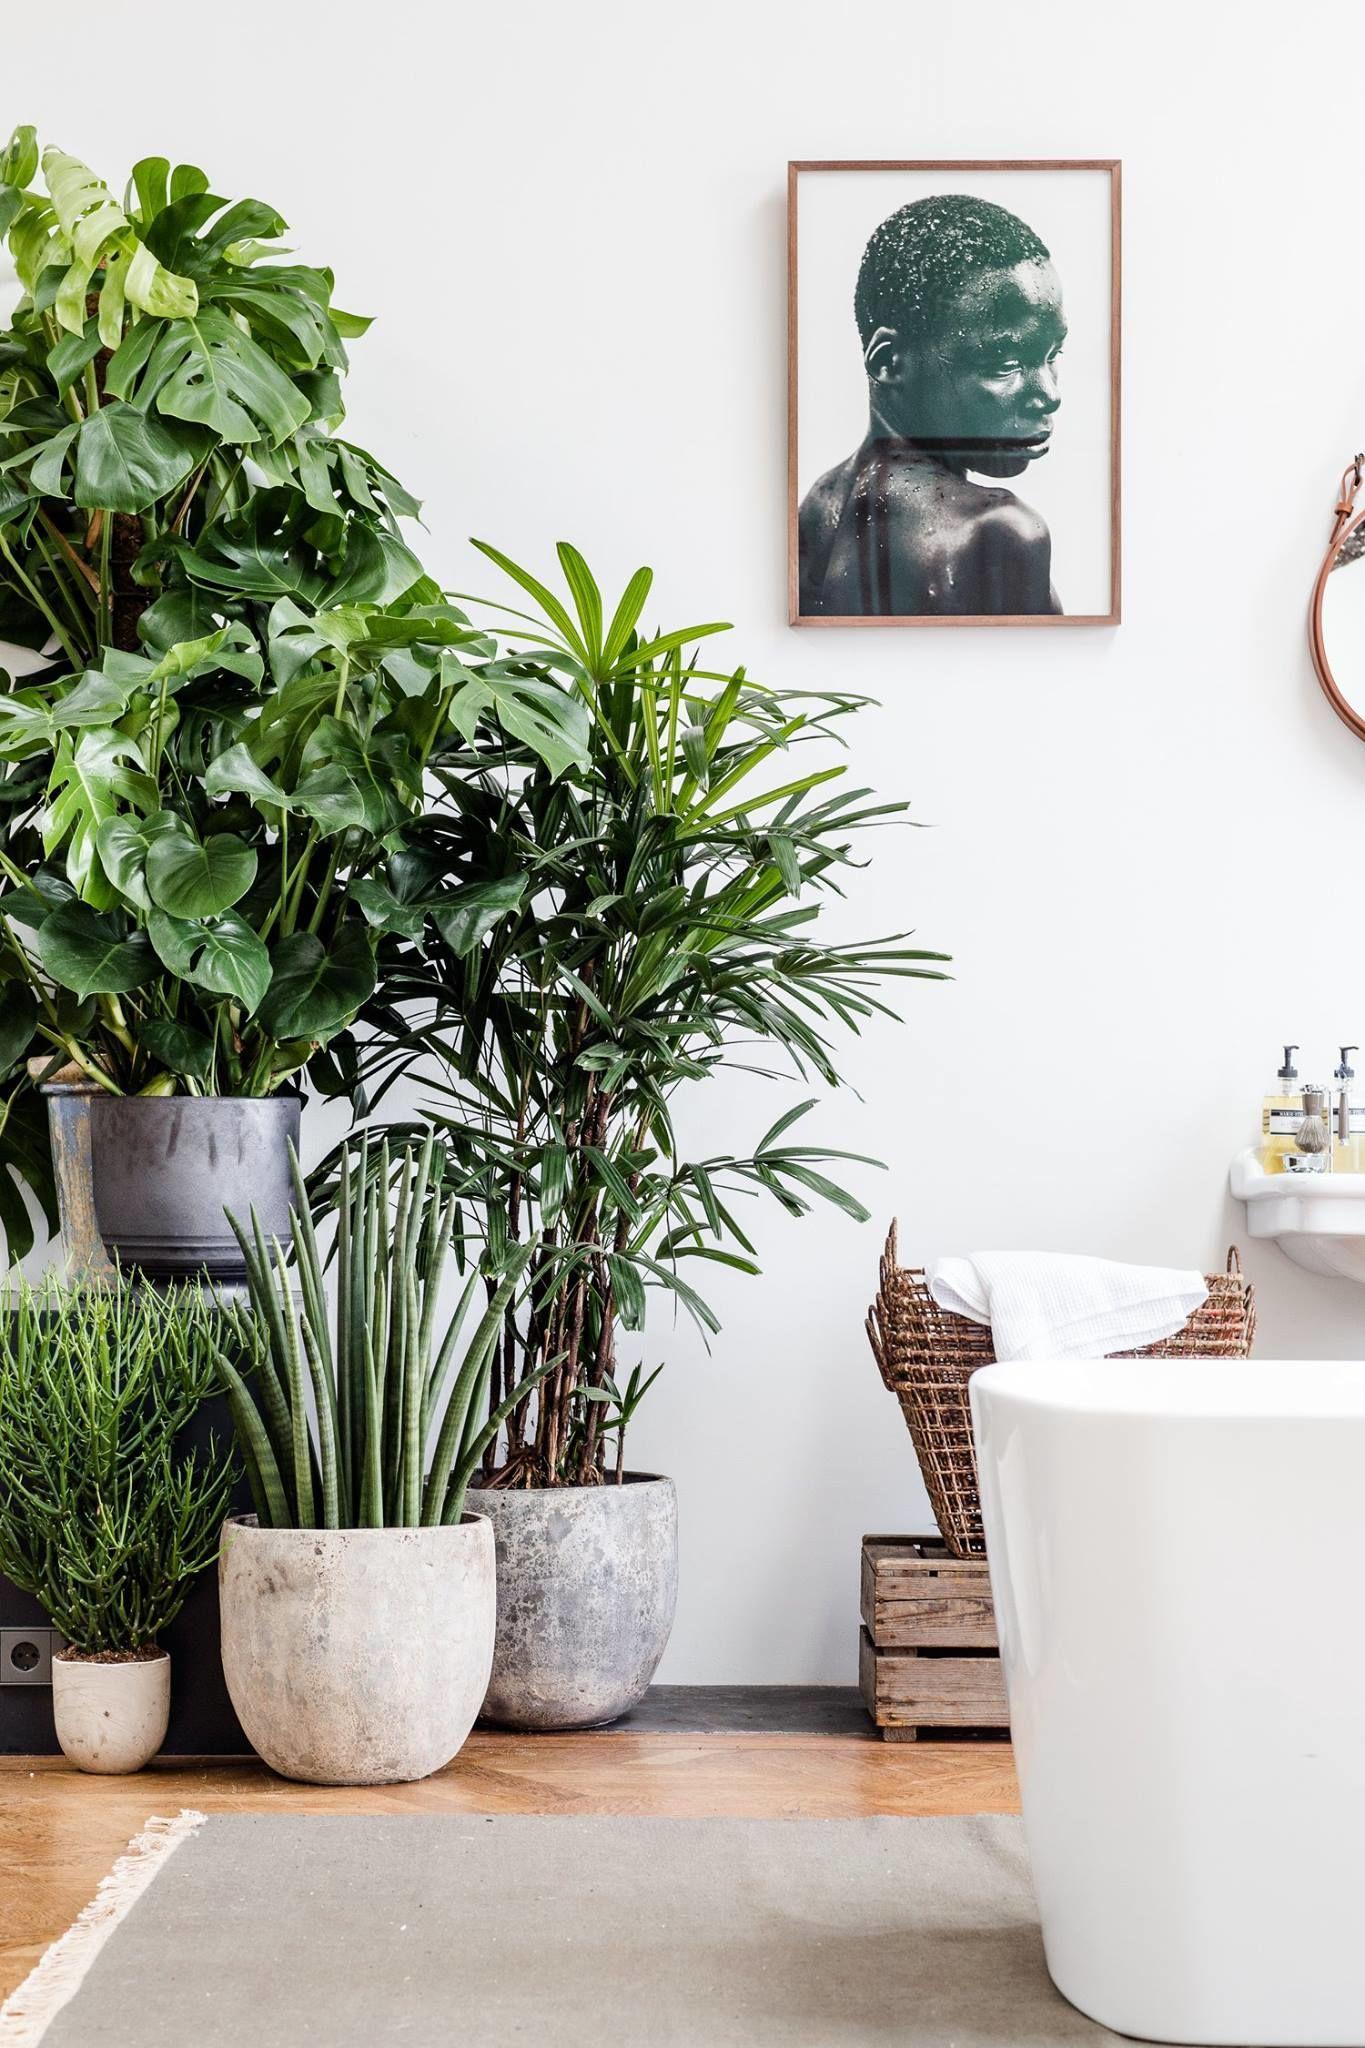 Wohnung | Wohnideen | Pflanzen | Urban | Garten ...